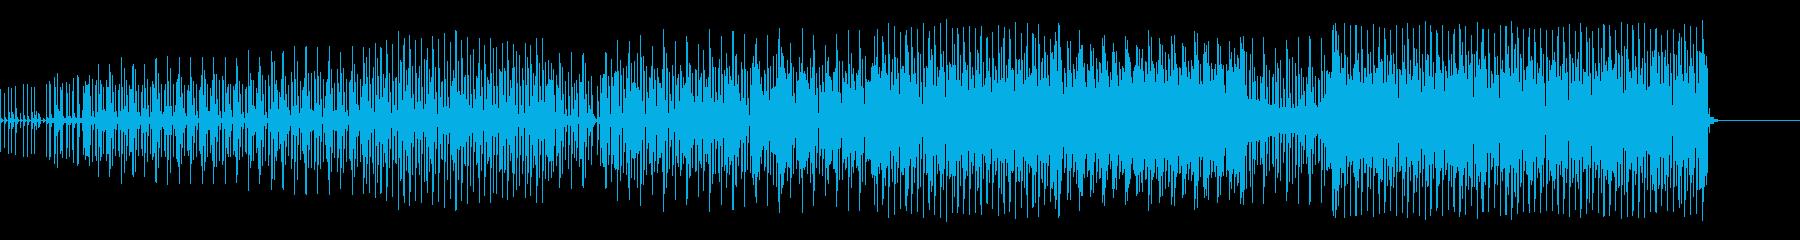 レゲエインスタンスグルービングバウ...の再生済みの波形